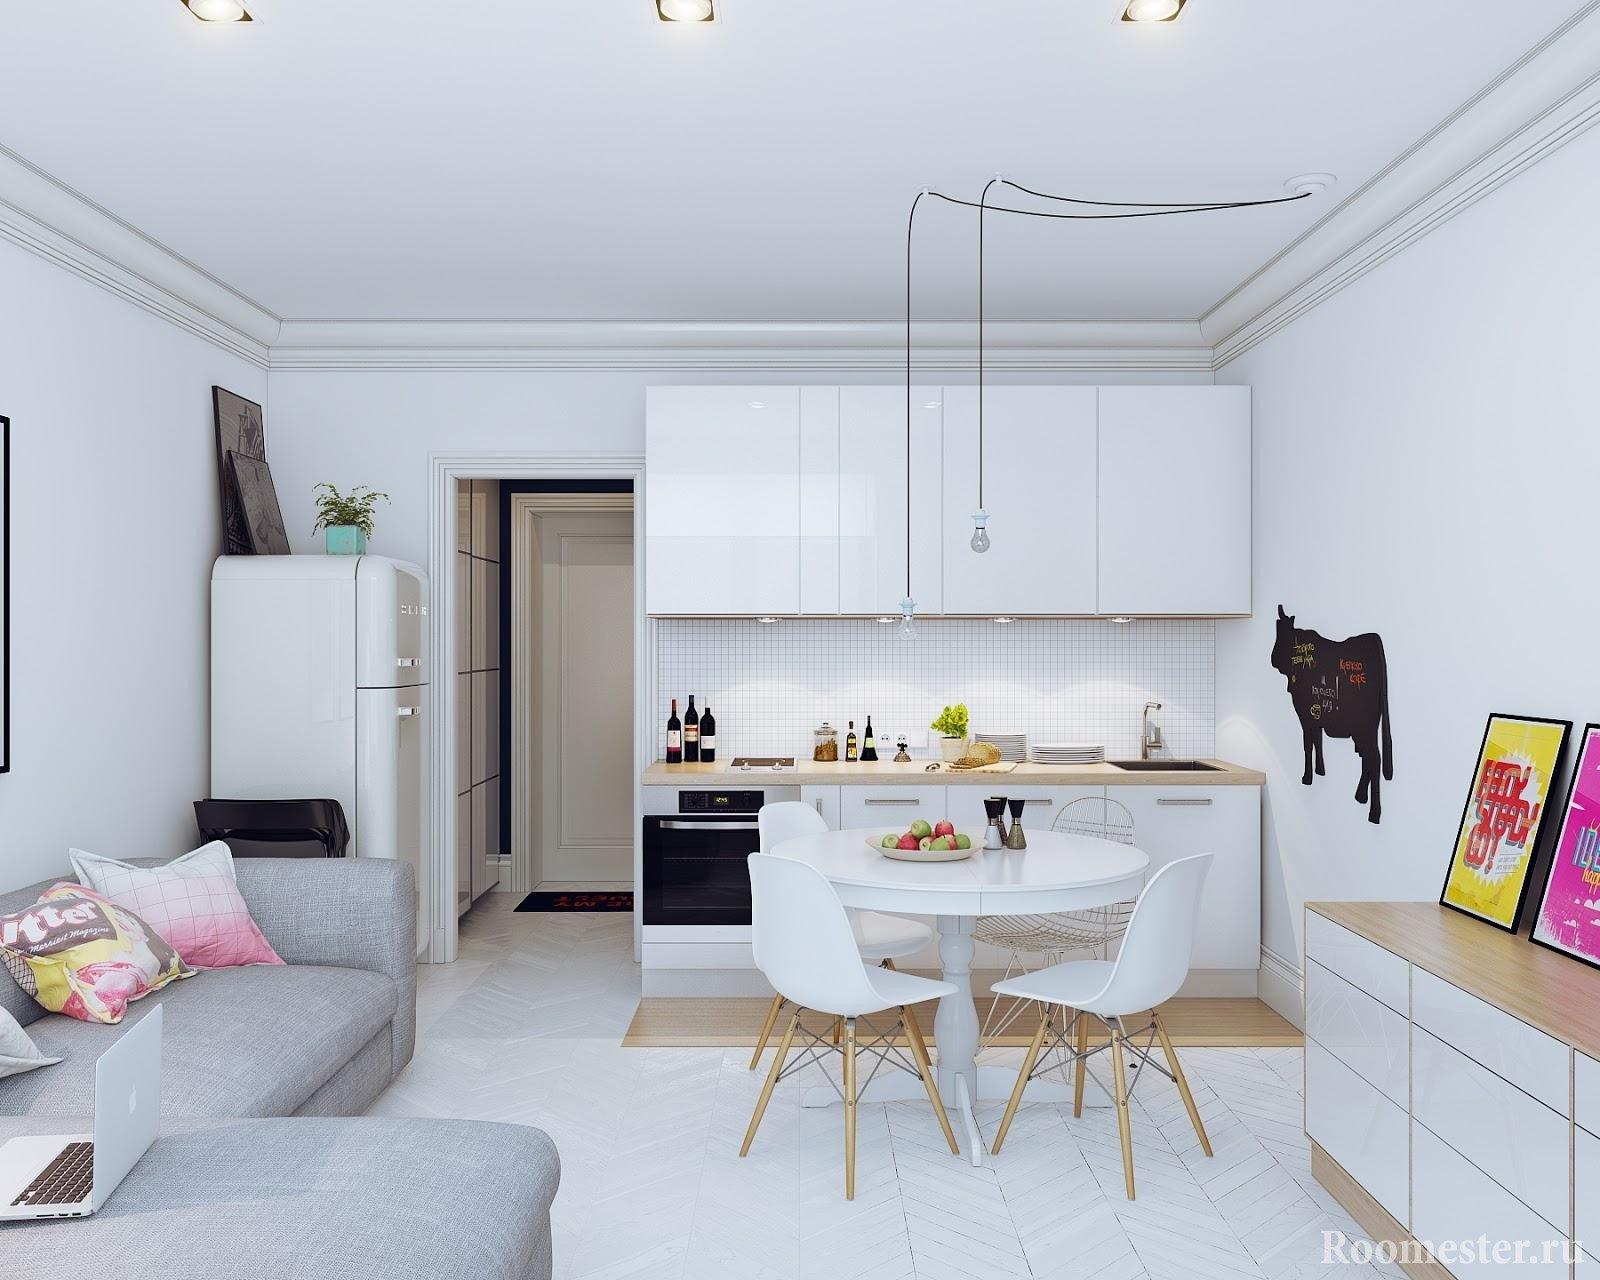 Современная гостиная с кухней в светлом исполнении